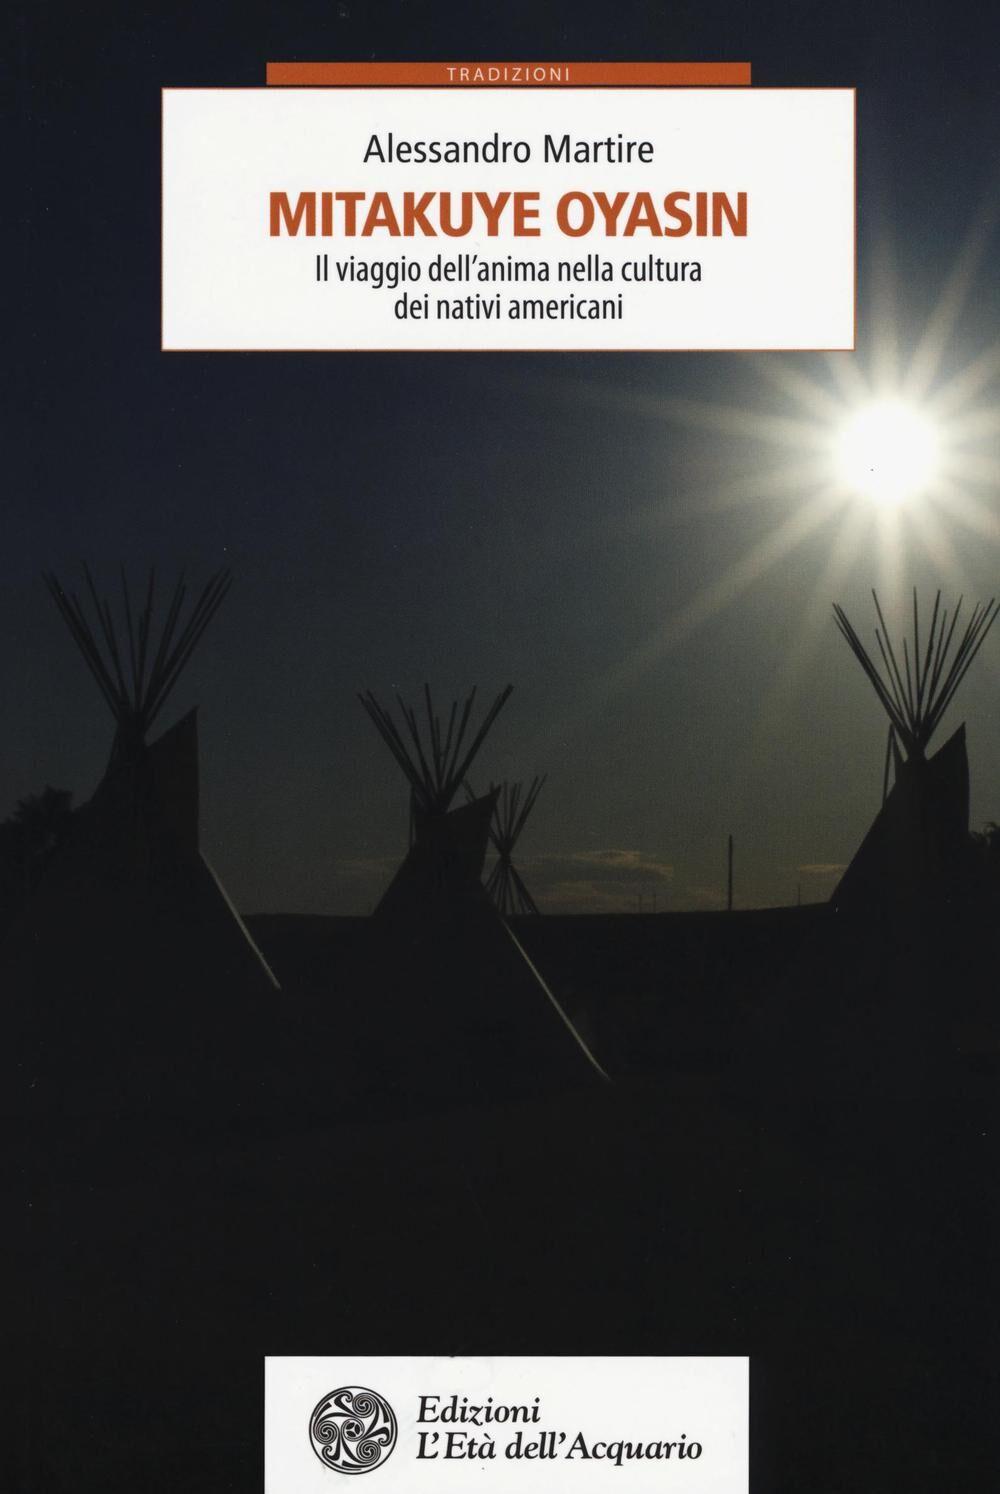 Mitakuye Oyasin. Il viaggio dell'anima nellla cultura dei nativi americani